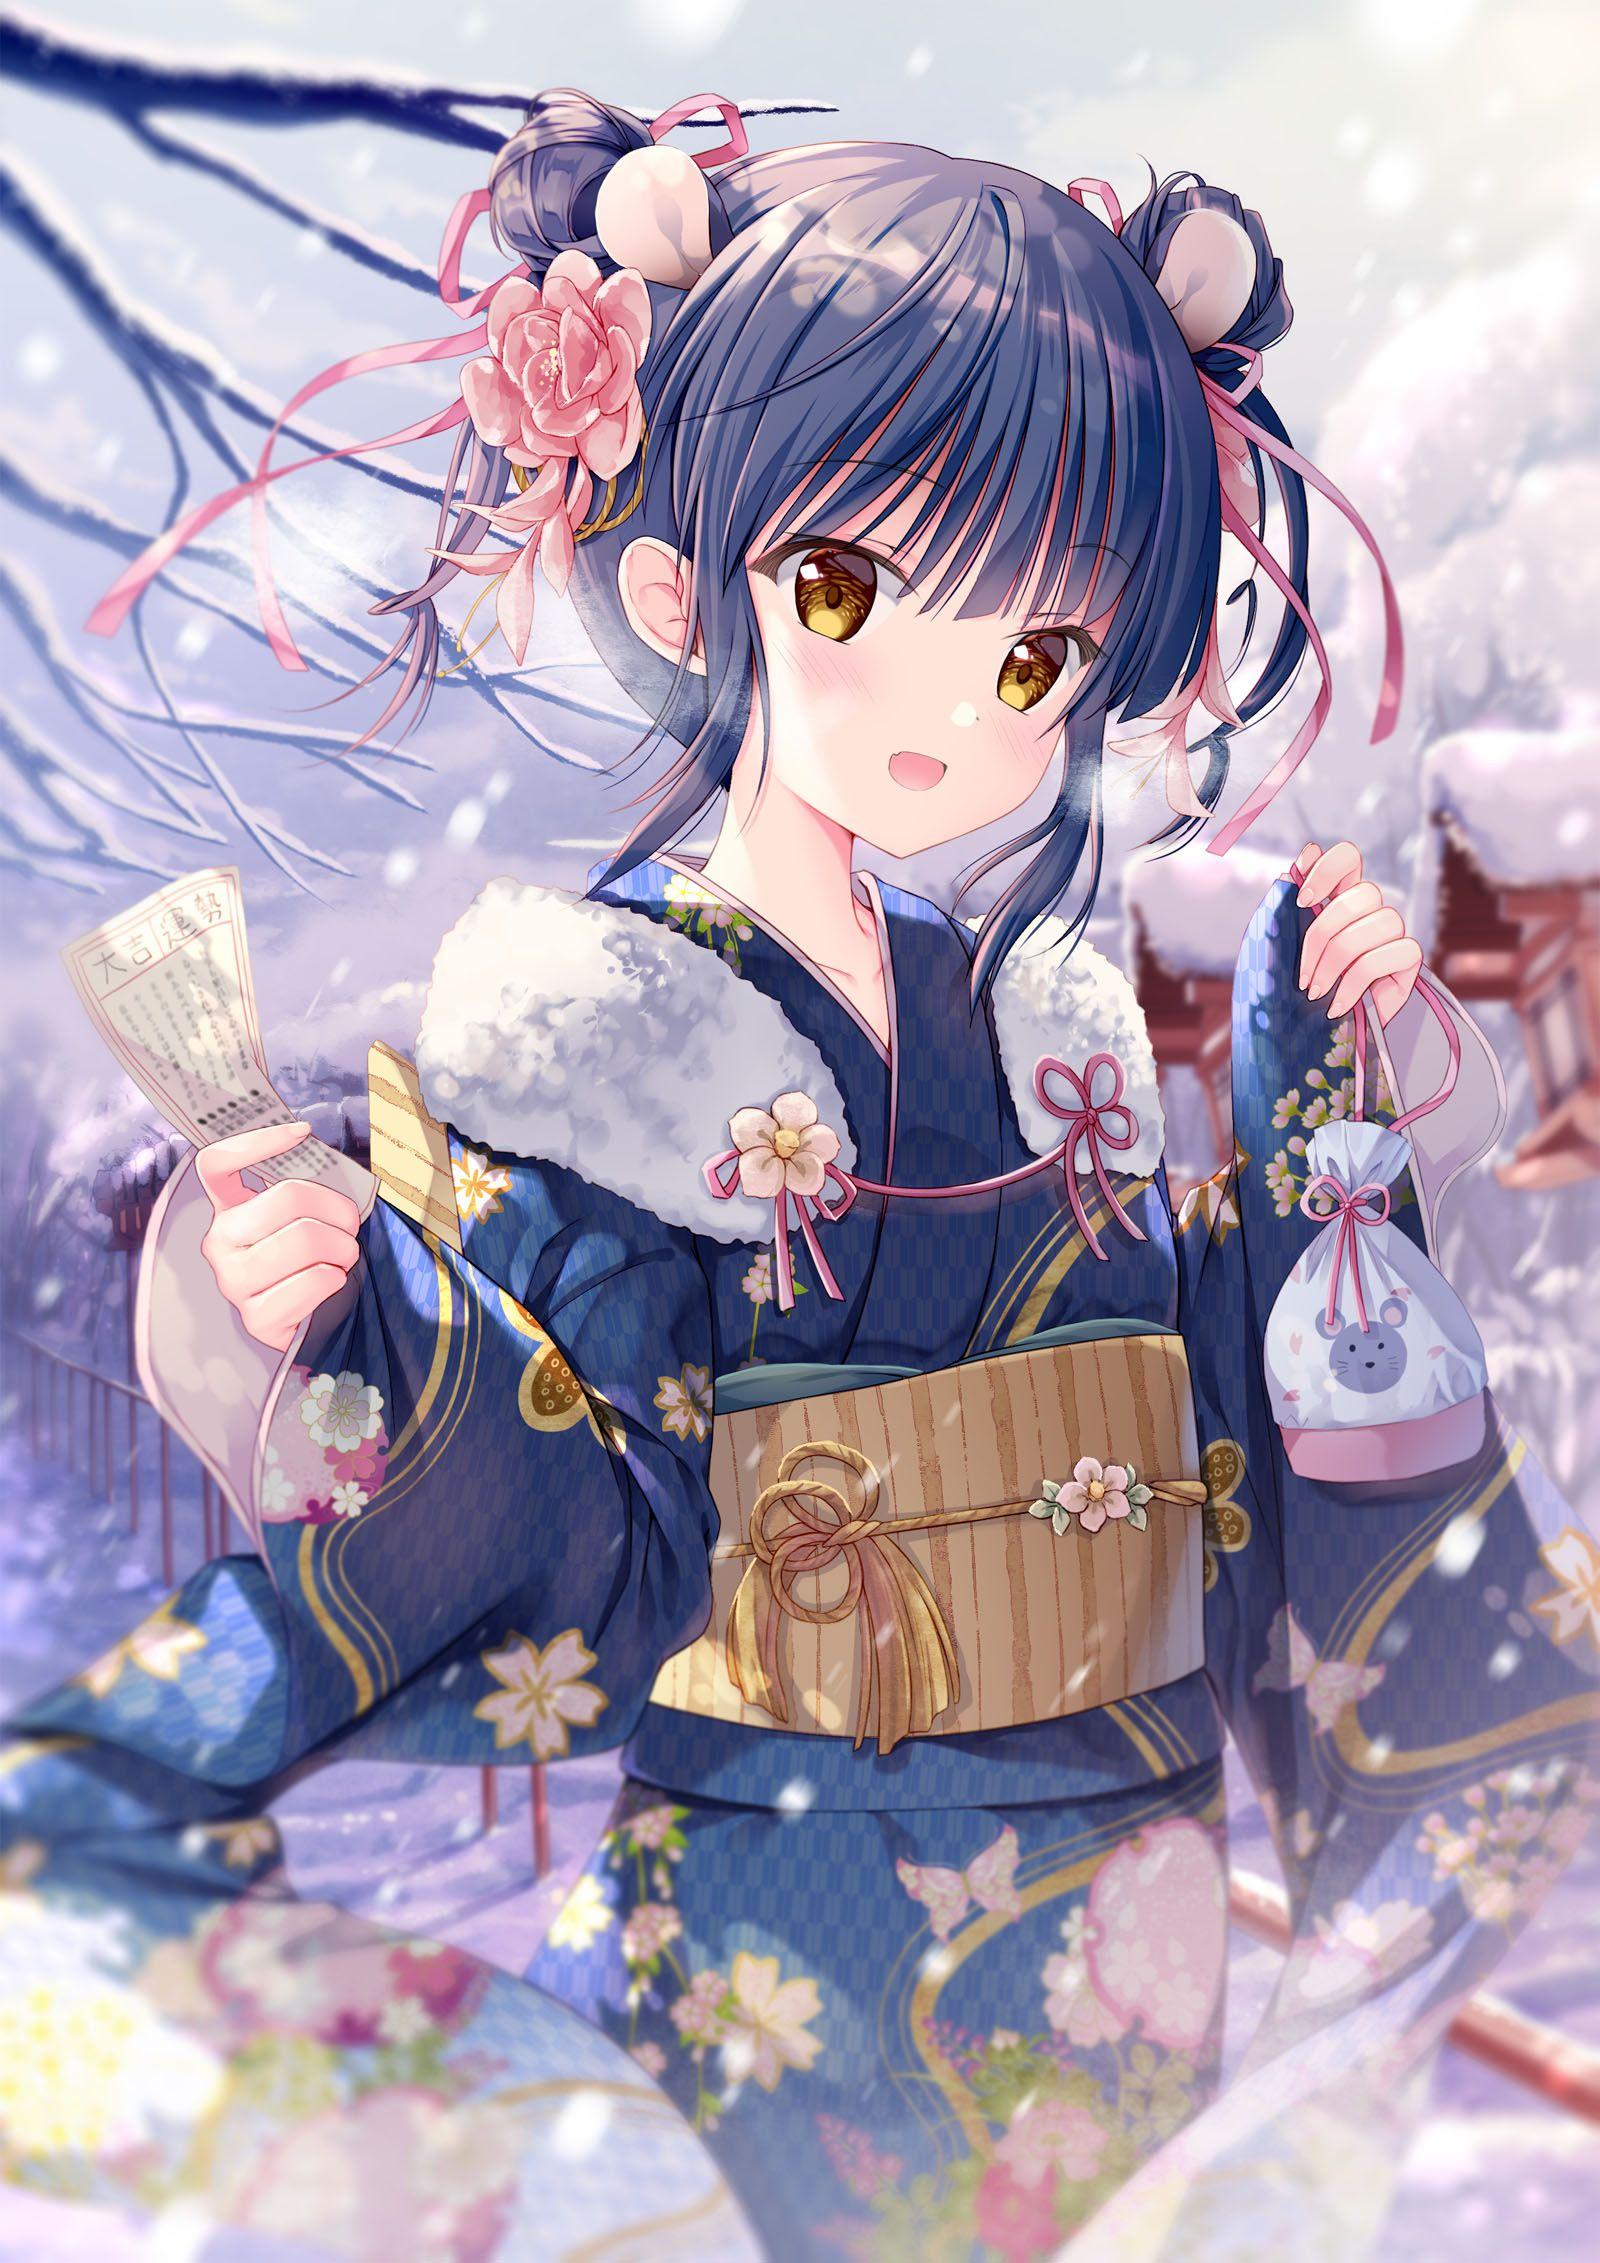 17 明けましておめでとうございます in 2020 Anime, Anime kimono, Anime japan